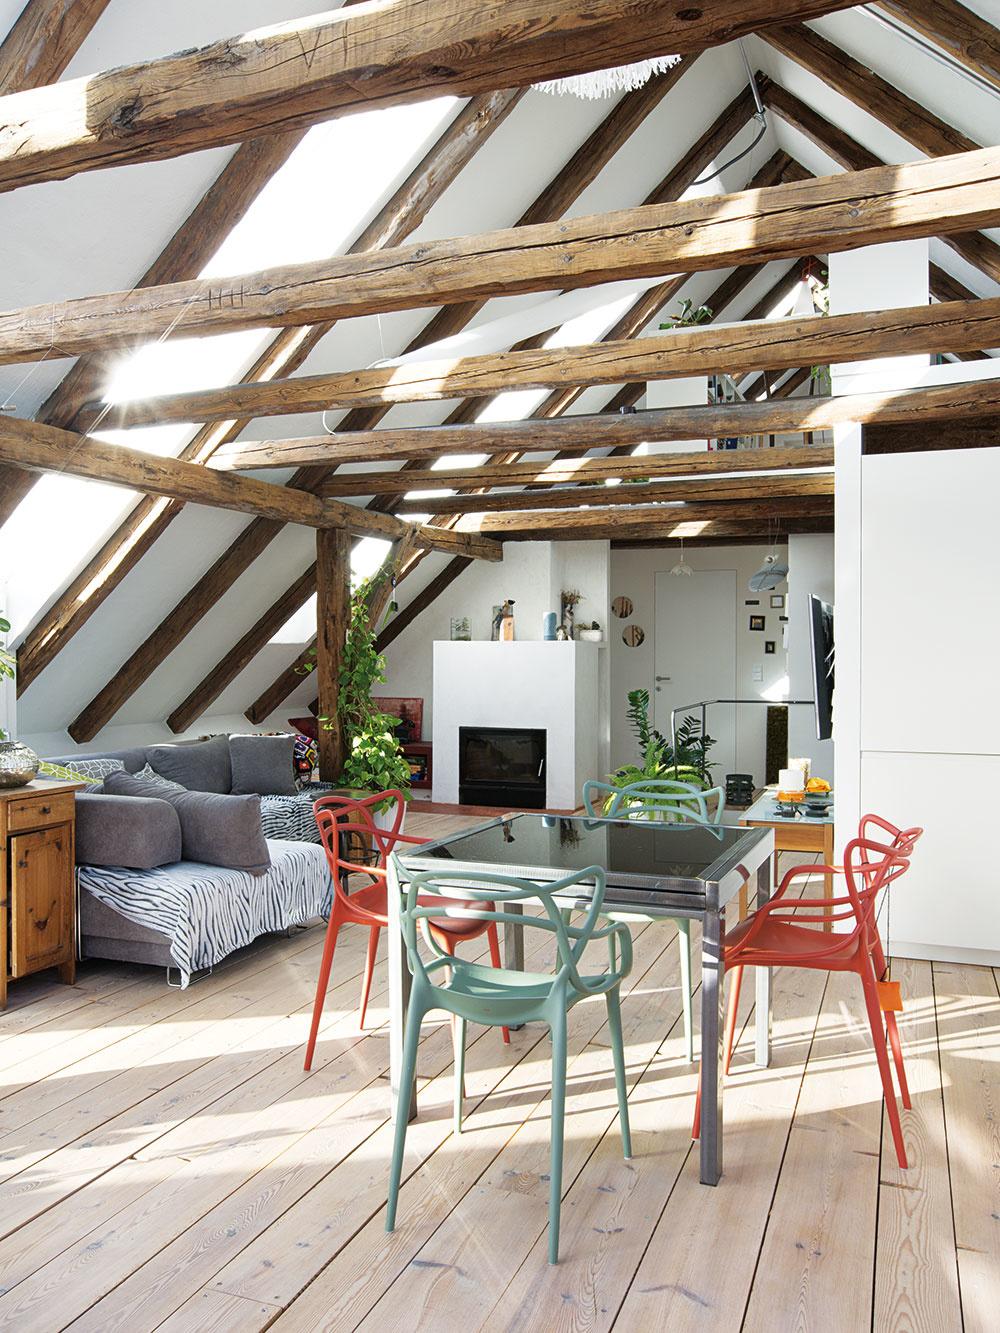 K dokonalej atmosfére historického podkrovia prispievajú aj zvolené materiály – popri zachovaných drevených konštrukciách je to aj recyklované drevo na podlahe a tradičné biele omietky.